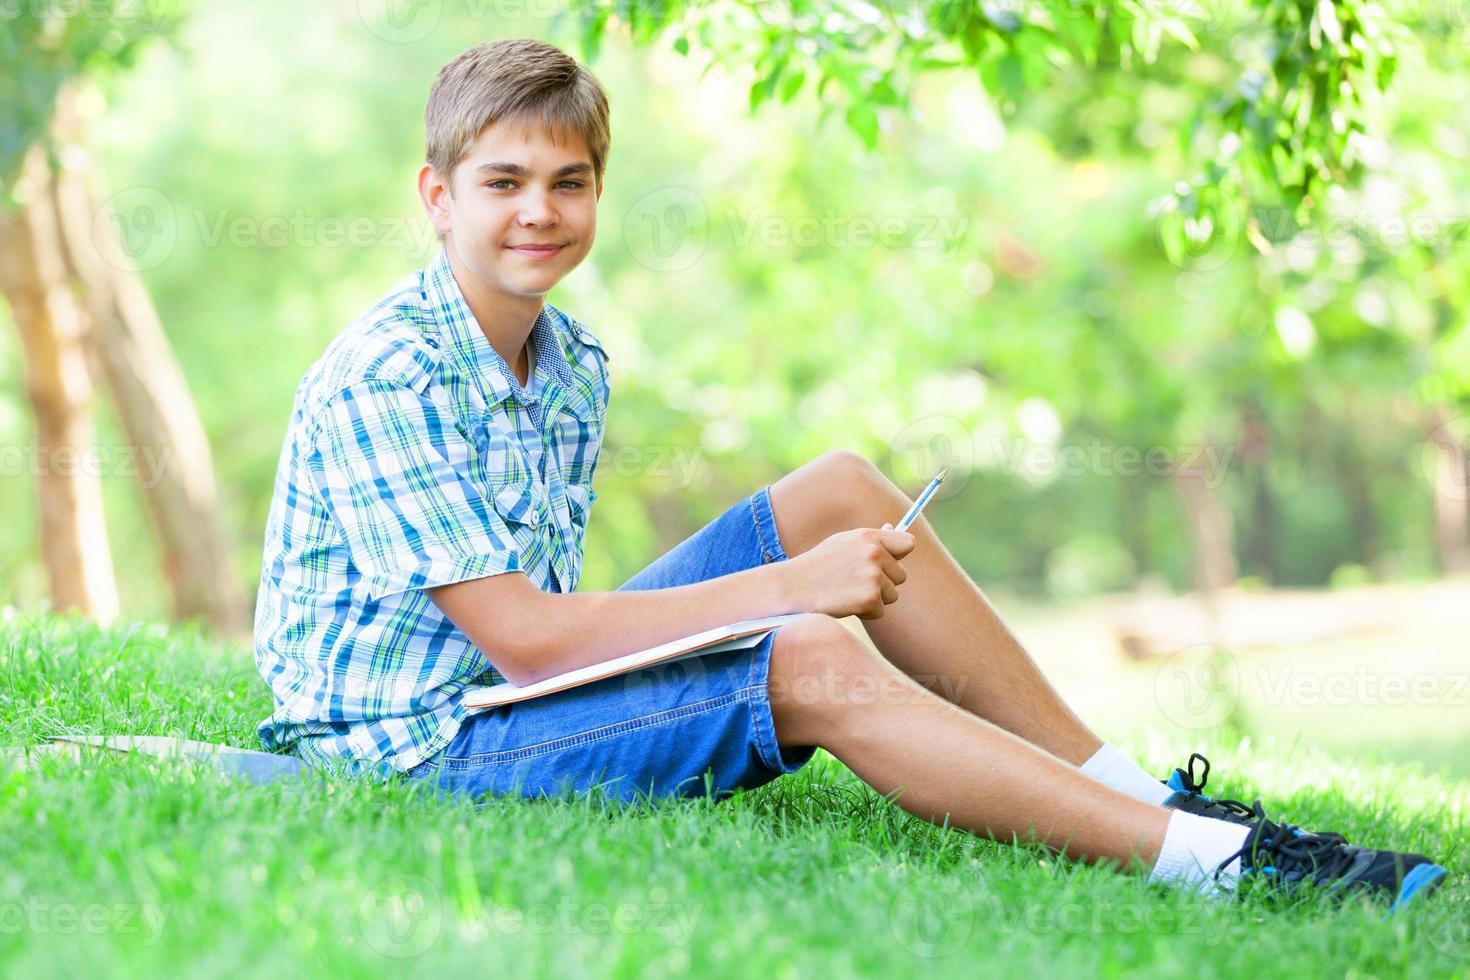 Muchacho adolescente con libros y cuaderno en el parque. foto